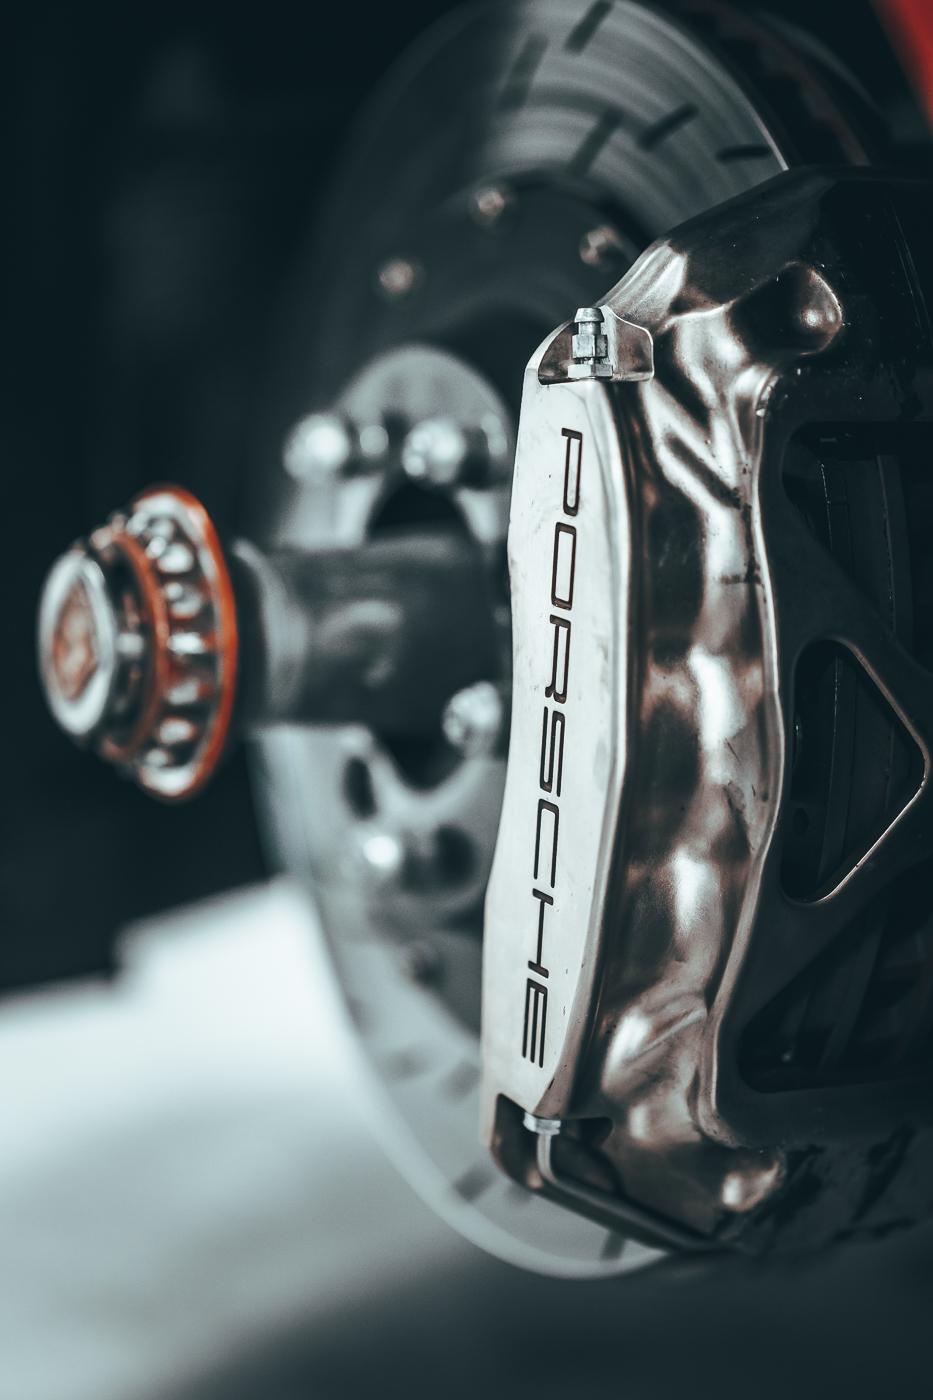 Hockenheimring_Porsche-Cup_Finale-18 sportfotograf Wil SG